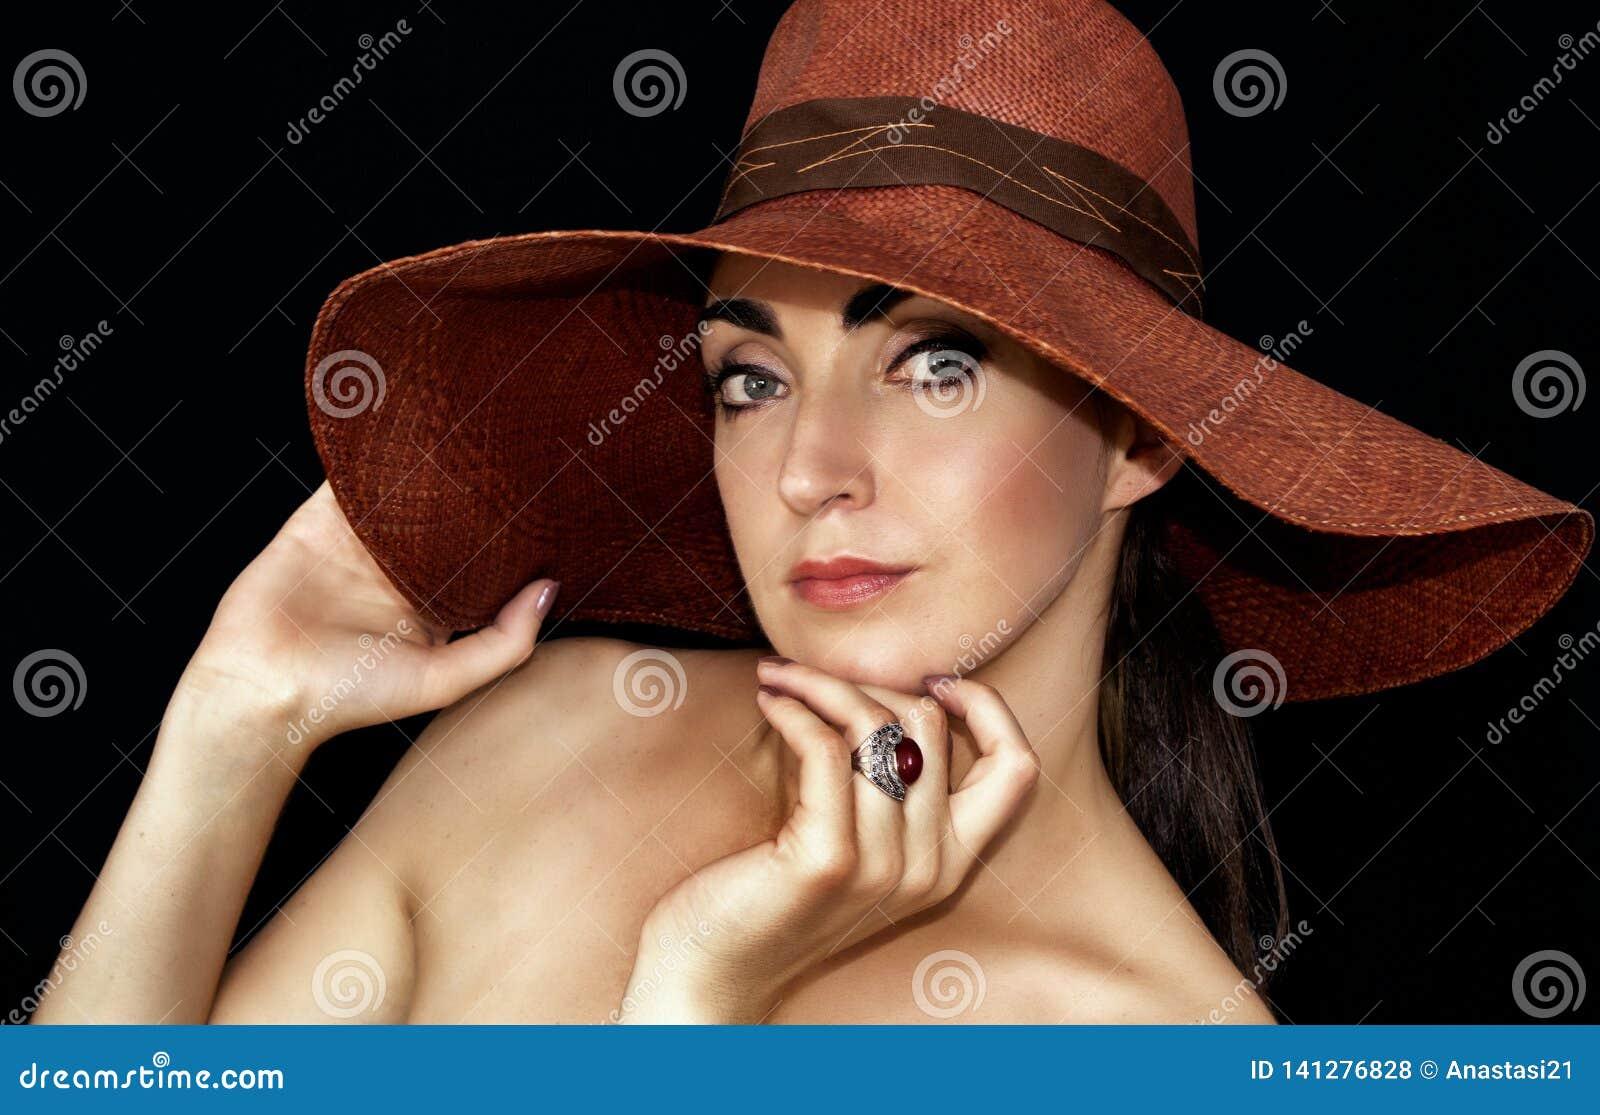 Porträt einer schönen jungen Frau in einem Hut auf einem schwarzen Hintergrund